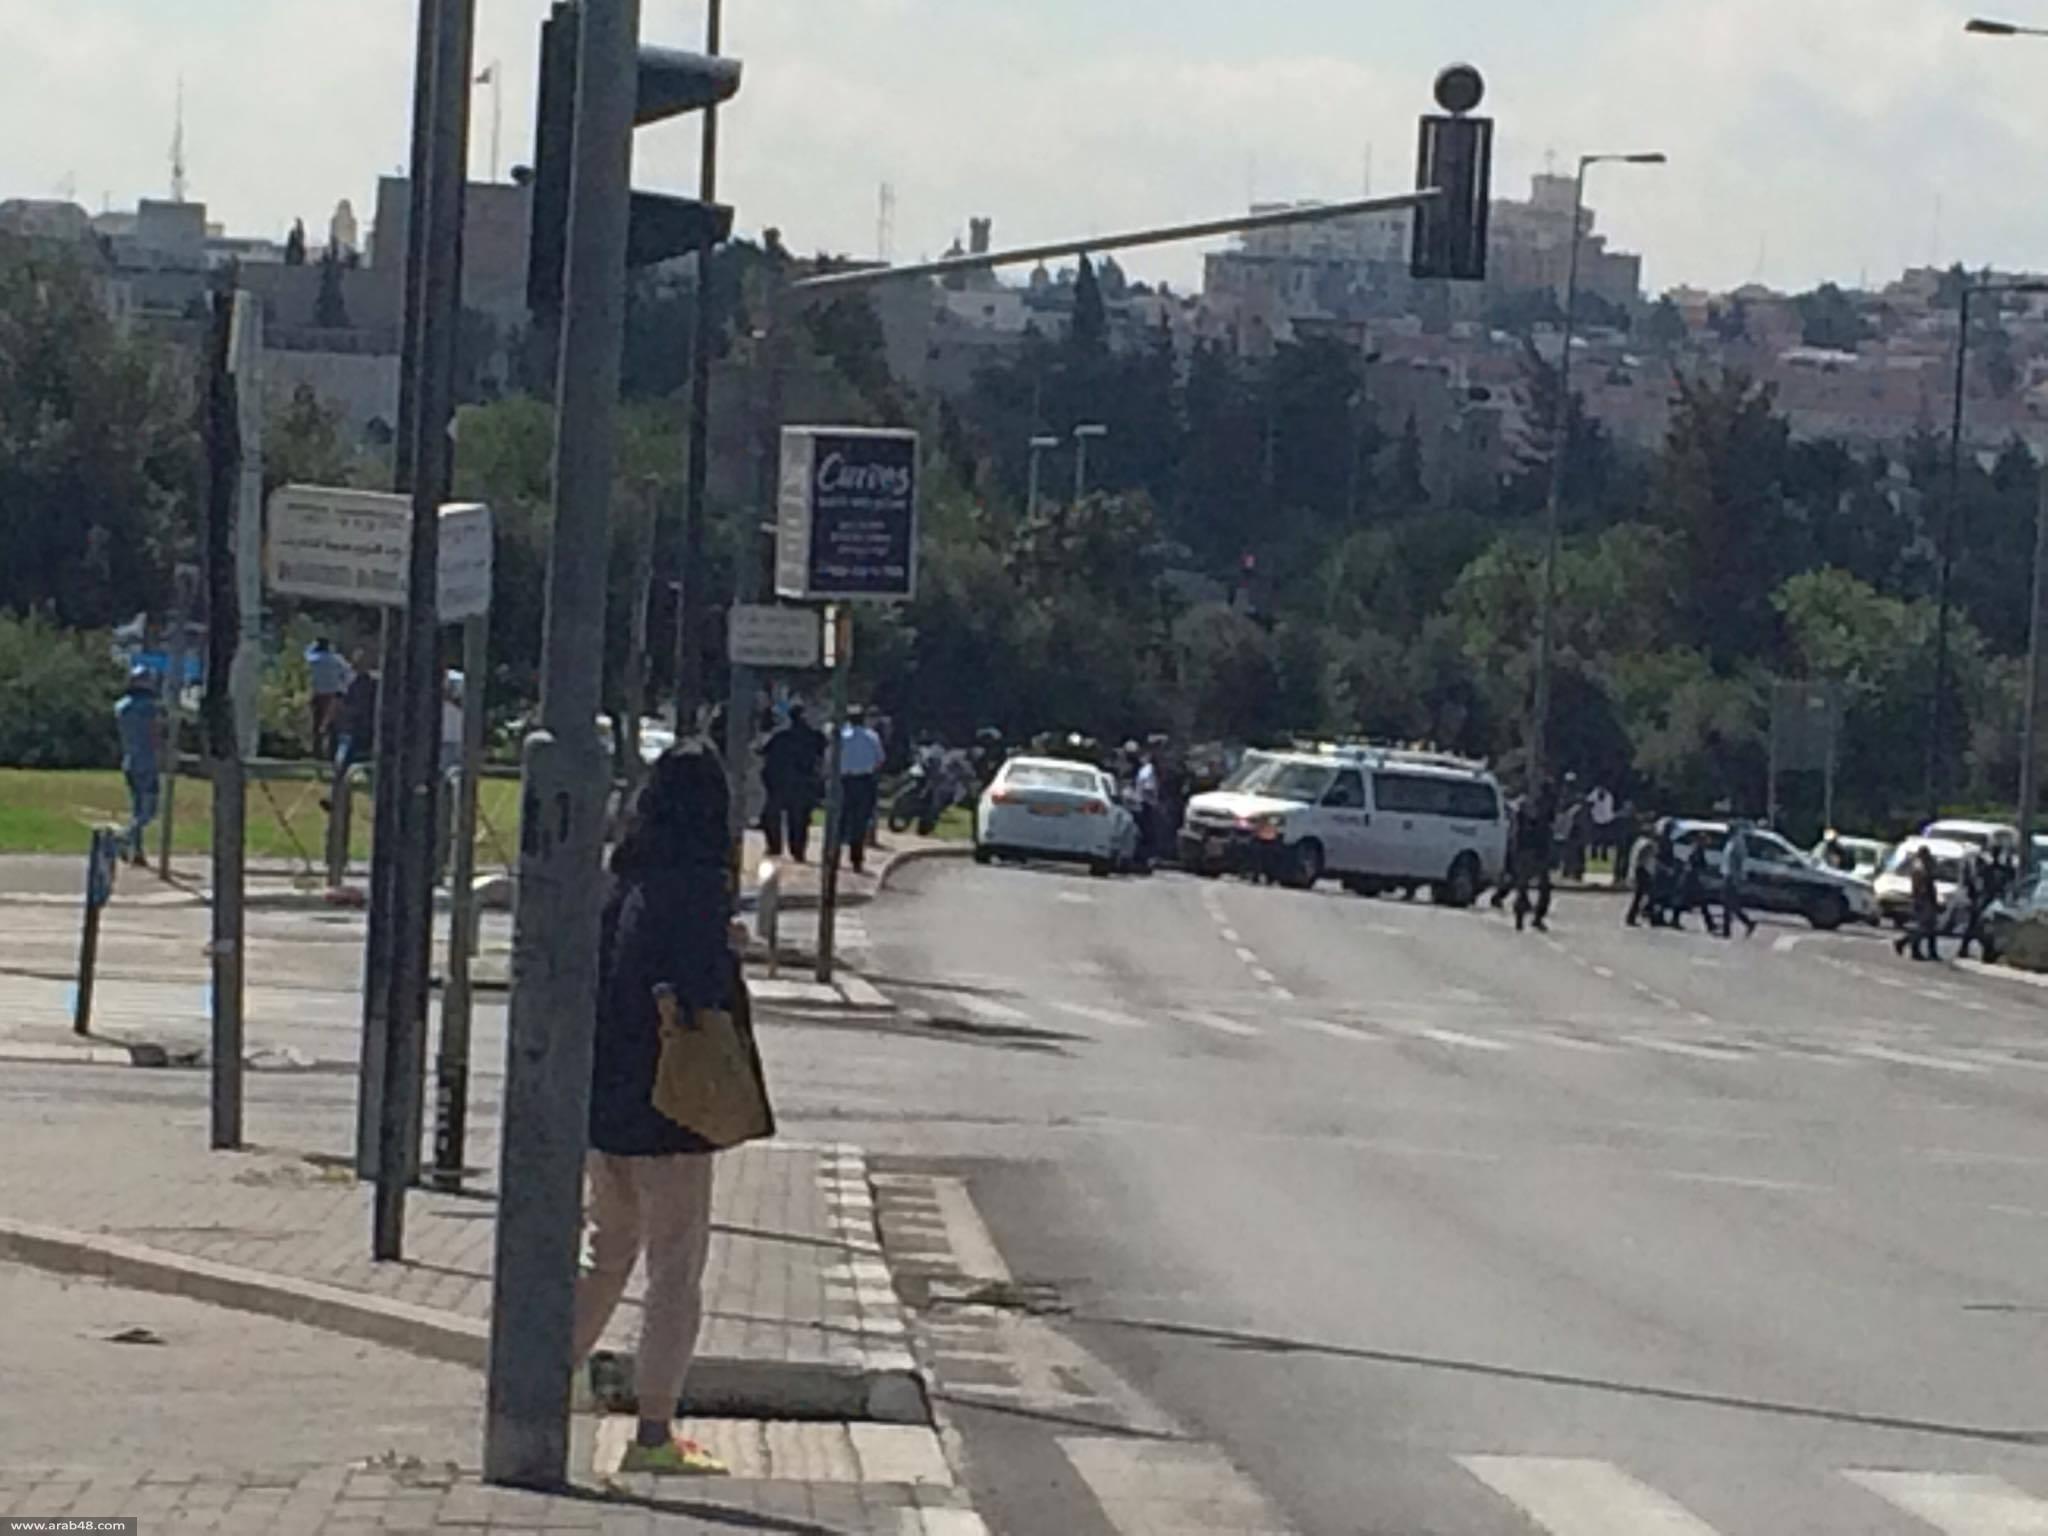 القدس المحتلة: إصابة خطيرة لمستوطن في عملية طعن واعتقال منفذها